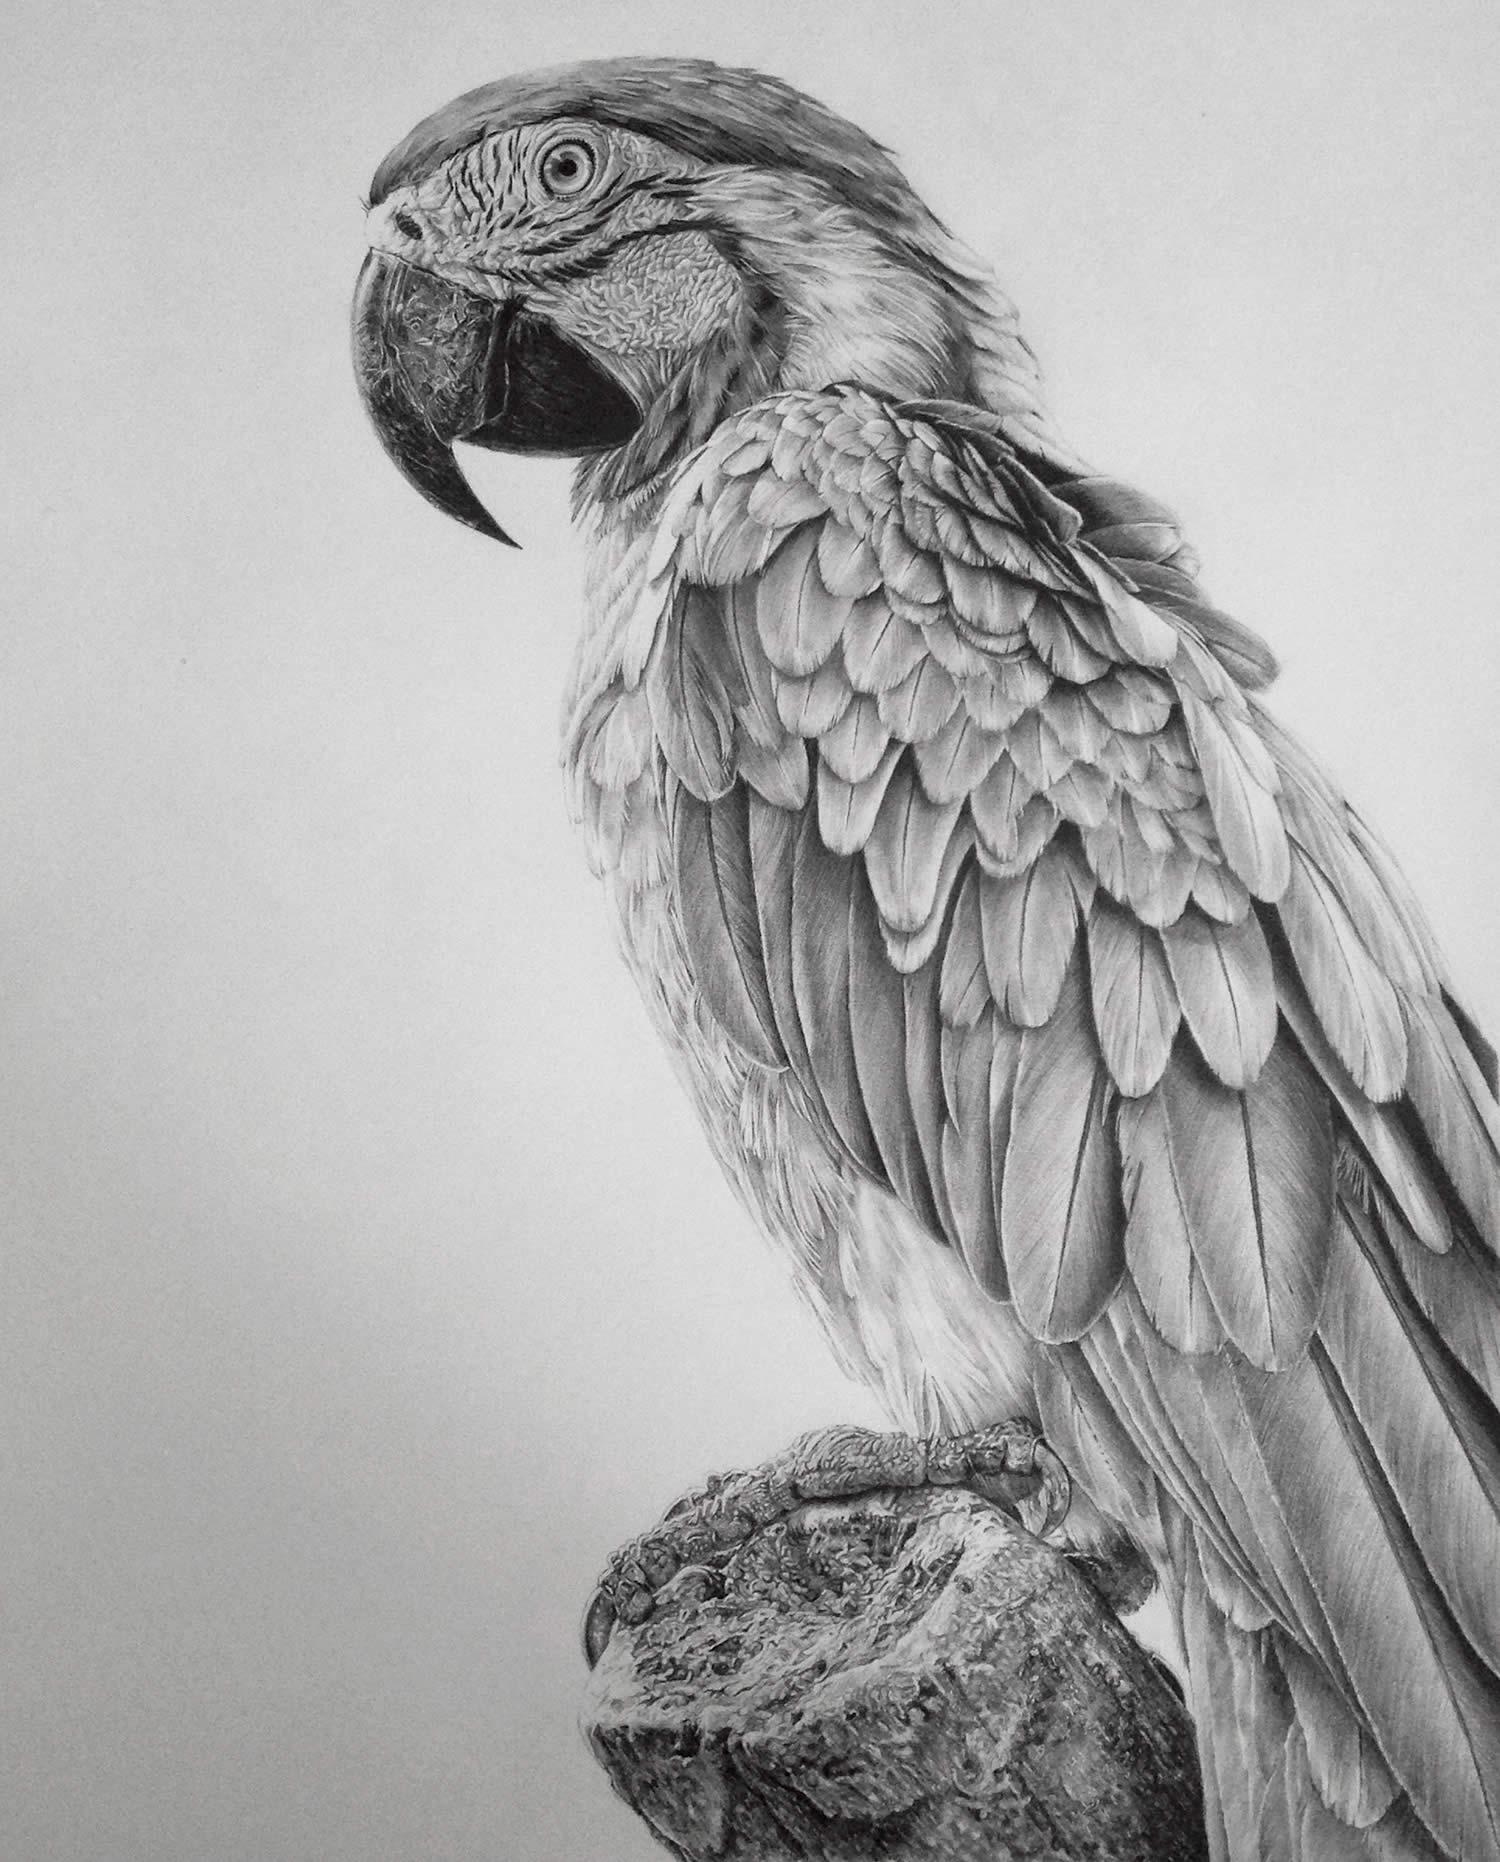 Drawn animal graphite drawing #14